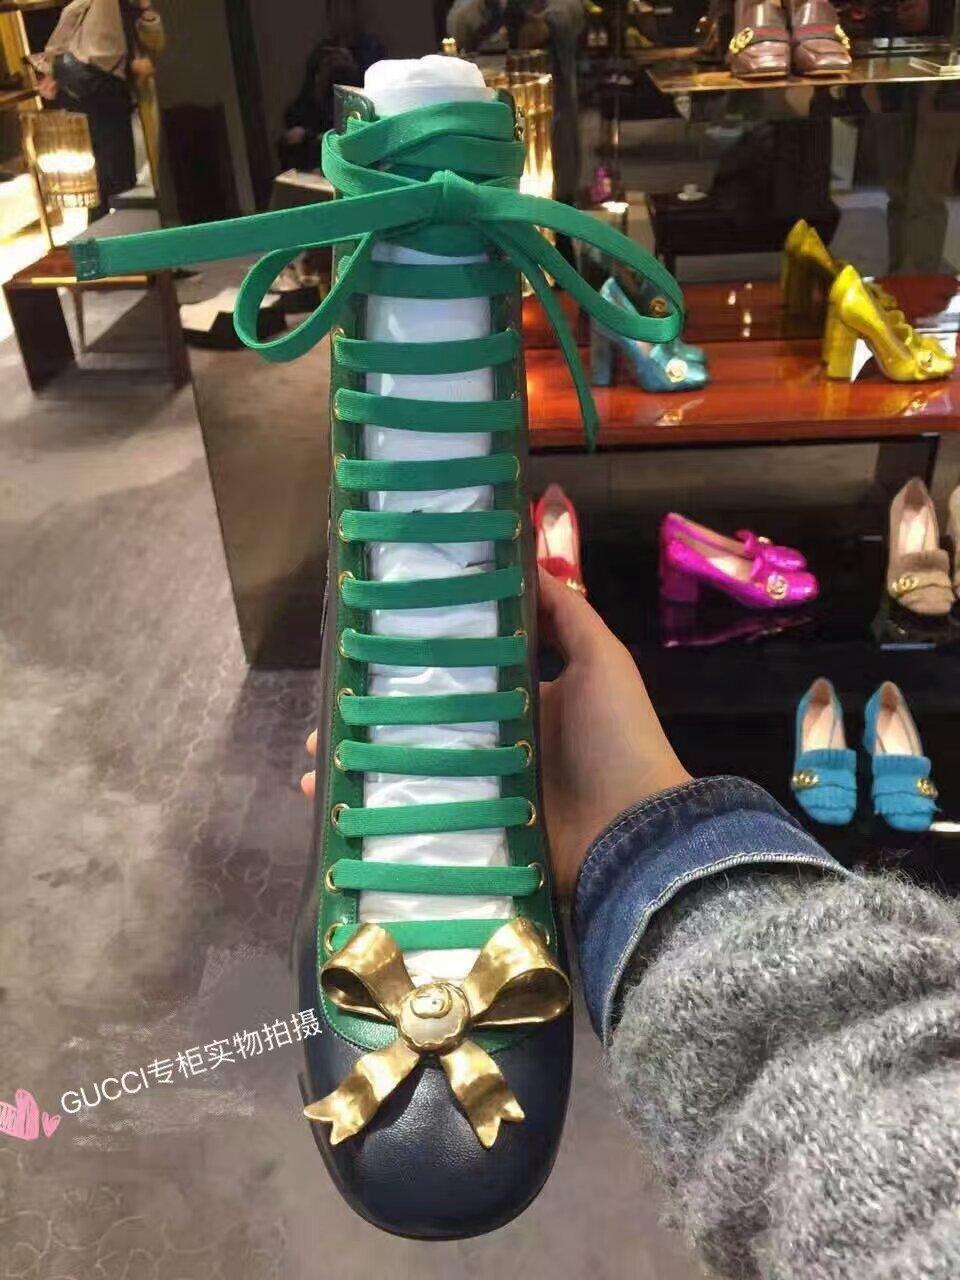 市面最高版本 GUCCI16早秋走秀款短靴